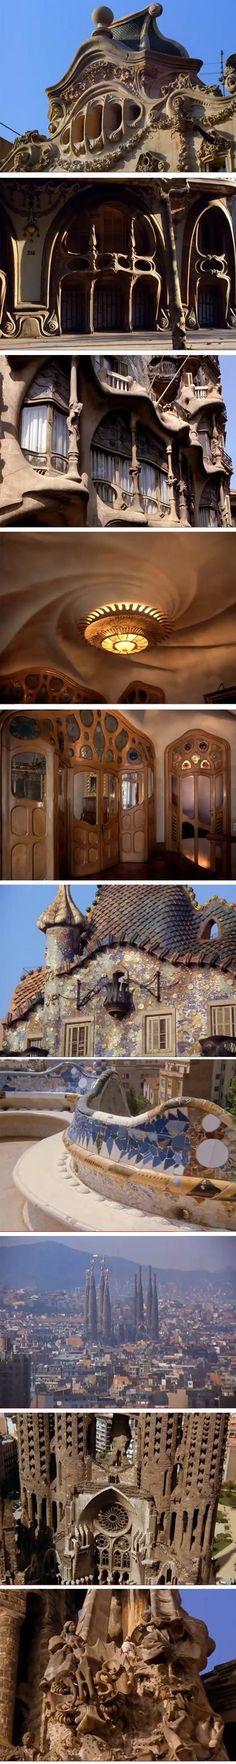 Antoino Gaudi documentary #organicarchitecture